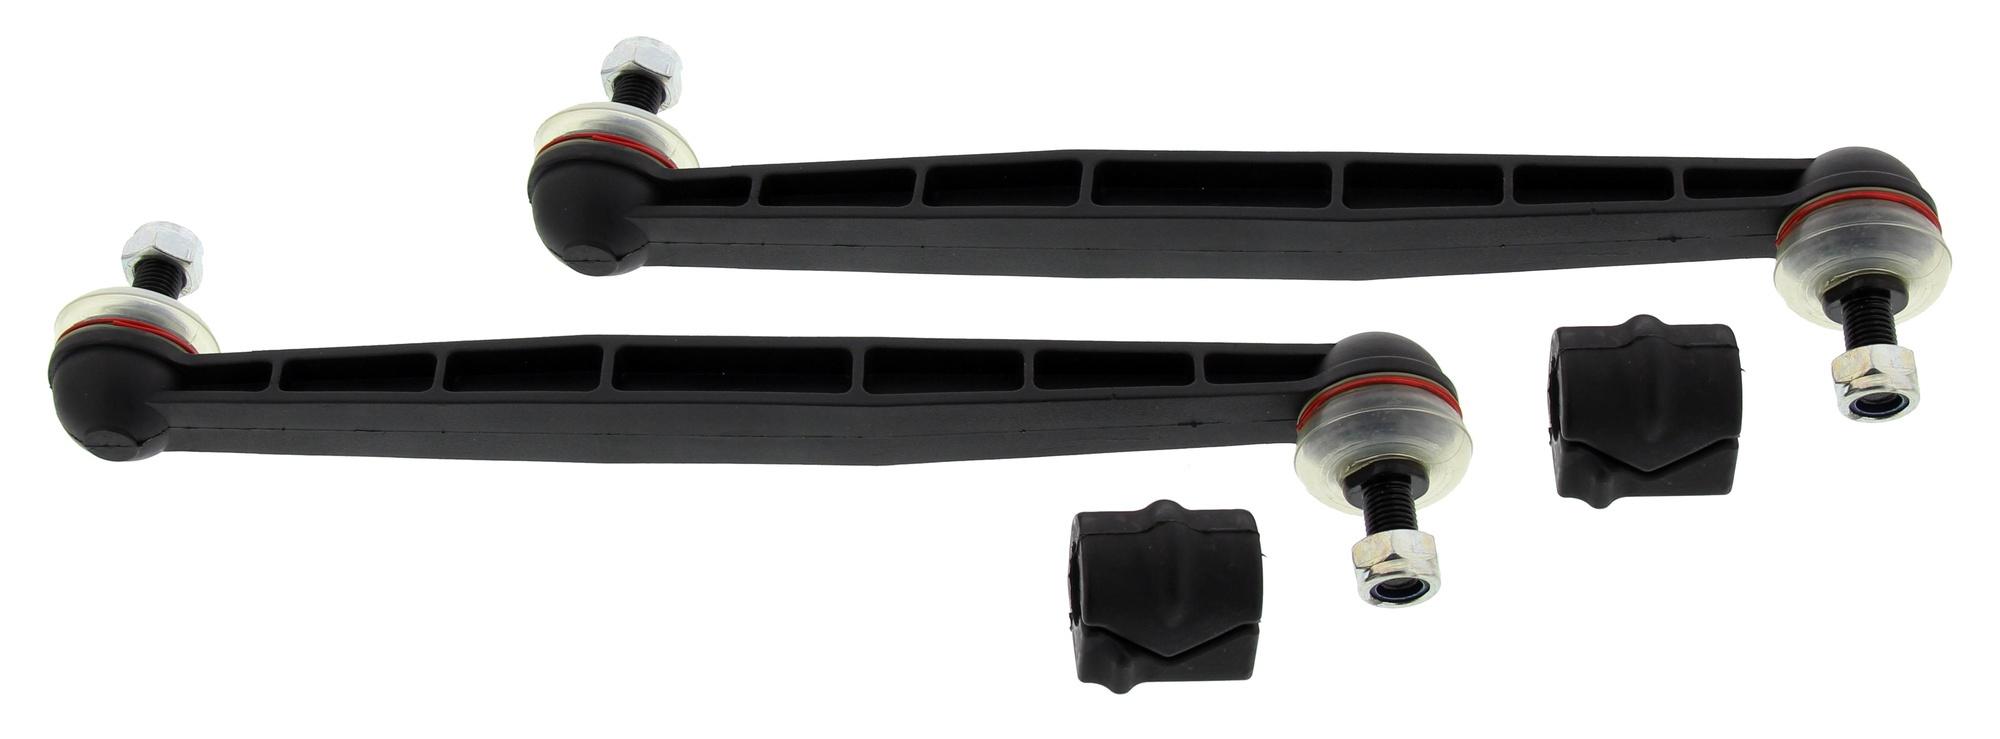 MAPCO 53764/1 Repair Kit, stabilizer suspension